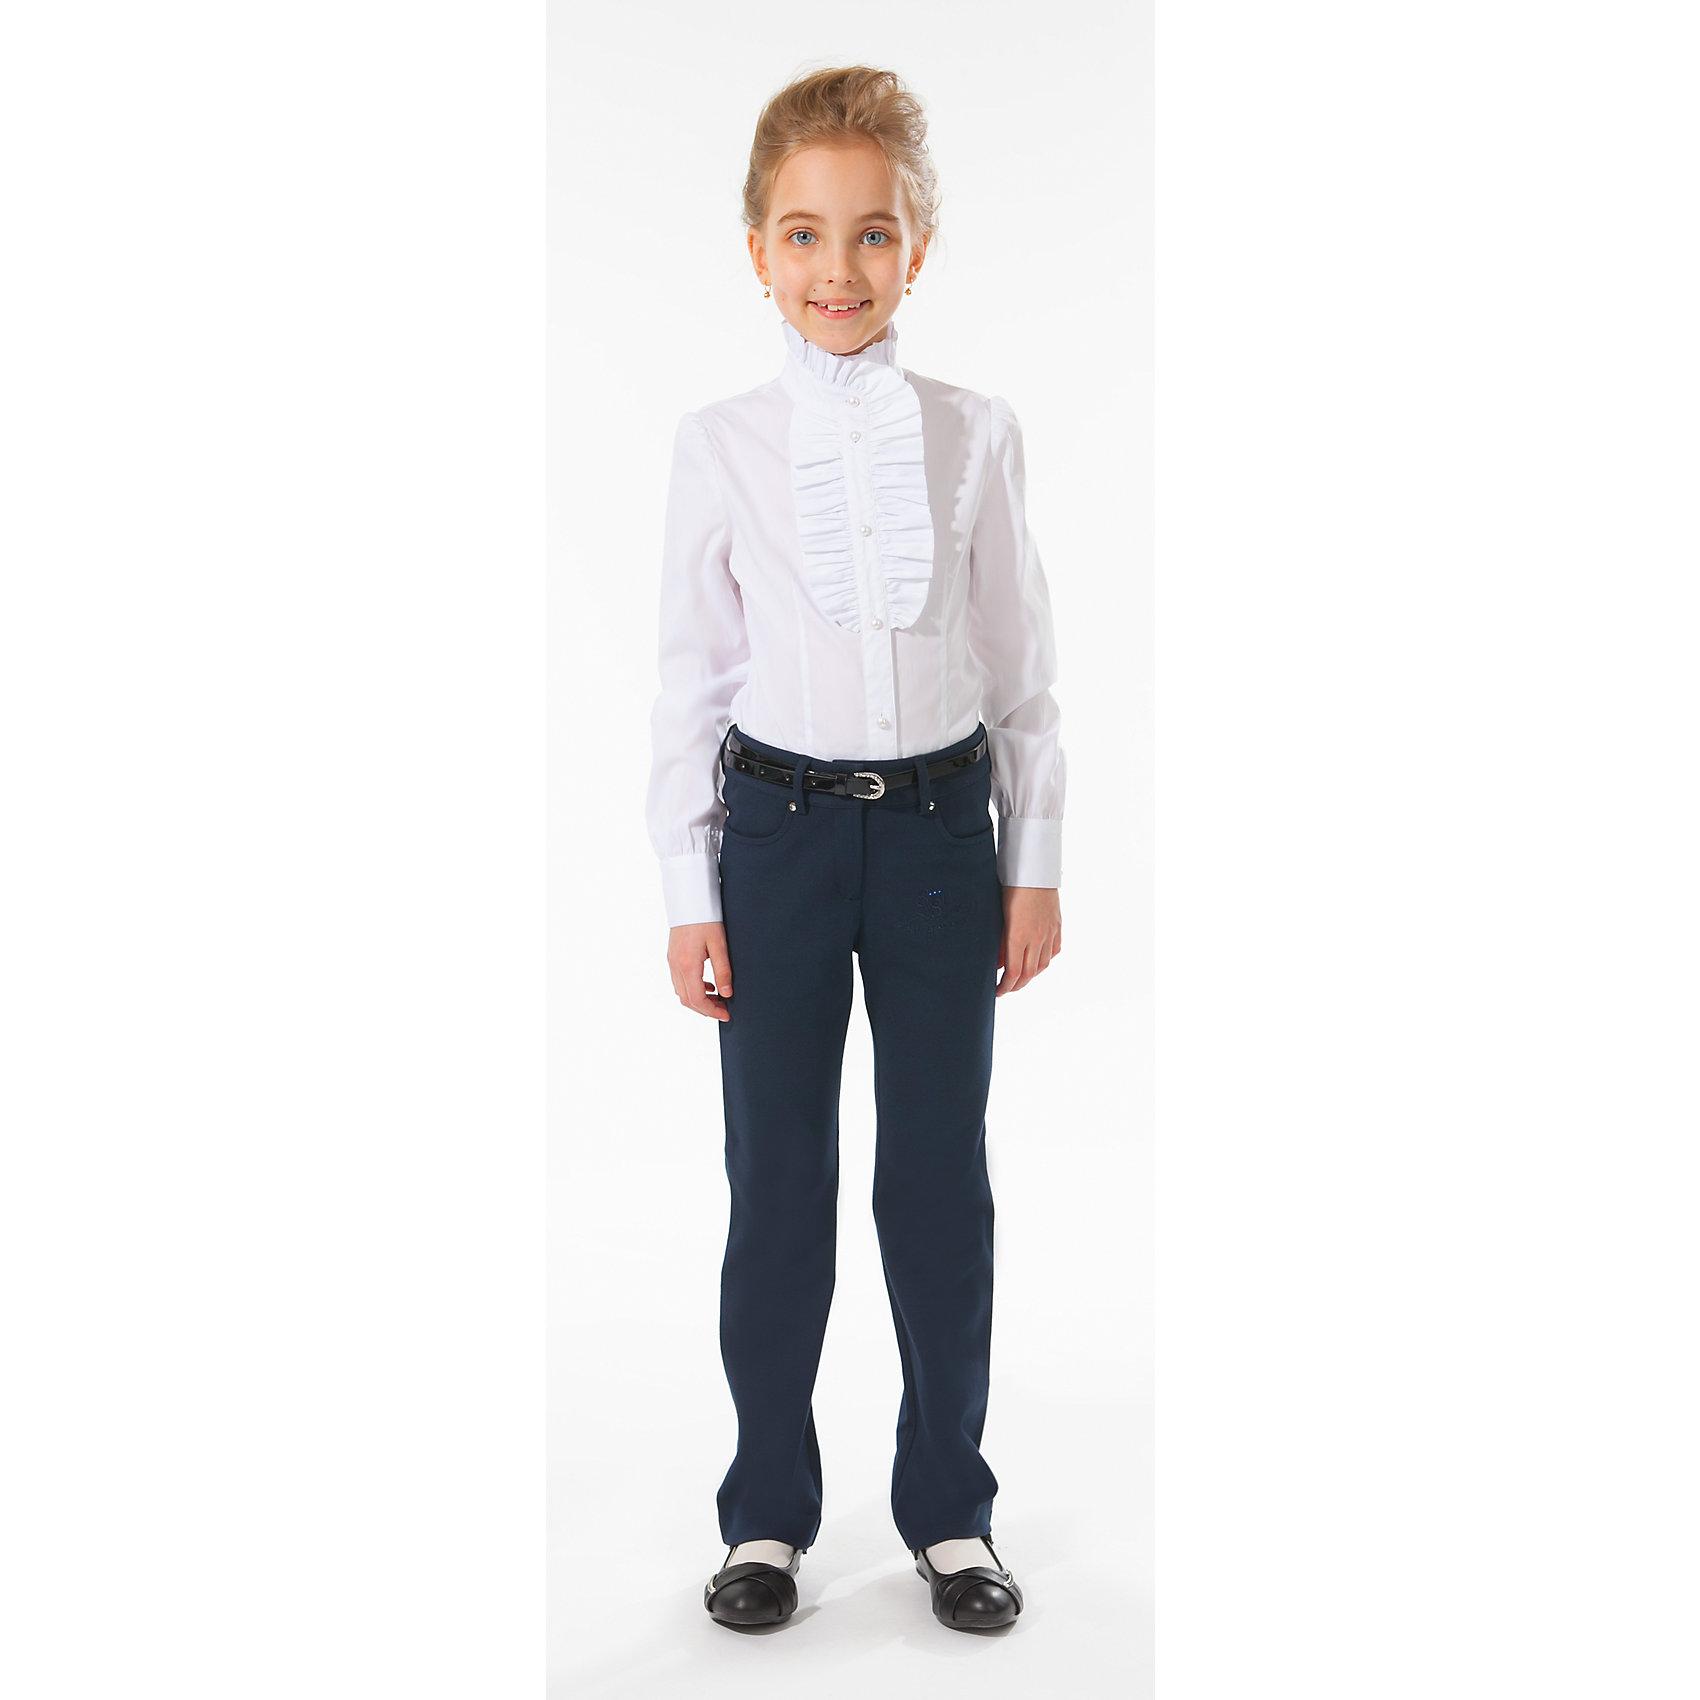 Блузка для девочки Silver SpoonБлузка для девочки Silver Spoon (Сильвер Спун) - отличный вариант для маленьких школьниц. Симпатичная модная блузка позволит создать свой оригинальный образ и чувствовать себя комфортно на протяжении всего дня занятий. Модель из хлопка очень легкая и приятная на ощупь, не сковывает движений, не раздражает кожу и позволяет ей дышать. У блузки приталенный силуэт, длинные рукава, воротник-стойка с красивой оборочкой, спереди застегивается на пуговички-жемчужинки. Модель декорирована на груди нарядной вставкой с рюшами. Классический покрой позволяет использовать блузку в различных сочетаниях - с юбкой, брюками, костюмом и другими вещами школьного гардероба. Все модели Сильвер Спун предназначены для повседневного интенсивного использования и выполнены из прочных тканей, которые позволяют вещам выглядеть великолепно на протяжении длительного срока эксплуатации. Стирка при температуре 30°С, гладить при температуре до 150°С.<br><br>Дополнительная информация:<br><br>- Цвет: белый.<br>- Материал: 71% хлопок, 25% полиамид, 4% спандекс.<br><br>Блузку для девочки, Silver Spoon (Сильвер Спун), можно купить в нашем интернет-магазине.<br><br>Ширина мм: 186<br>Глубина мм: 87<br>Высота мм: 198<br>Вес г: 197<br>Цвет: белый<br>Возраст от месяцев: 144<br>Возраст до месяцев: 156<br>Пол: Женский<br>Возраст: Детский<br>Размер: 128,158,140,152,164,134,146<br>SKU: 4145898